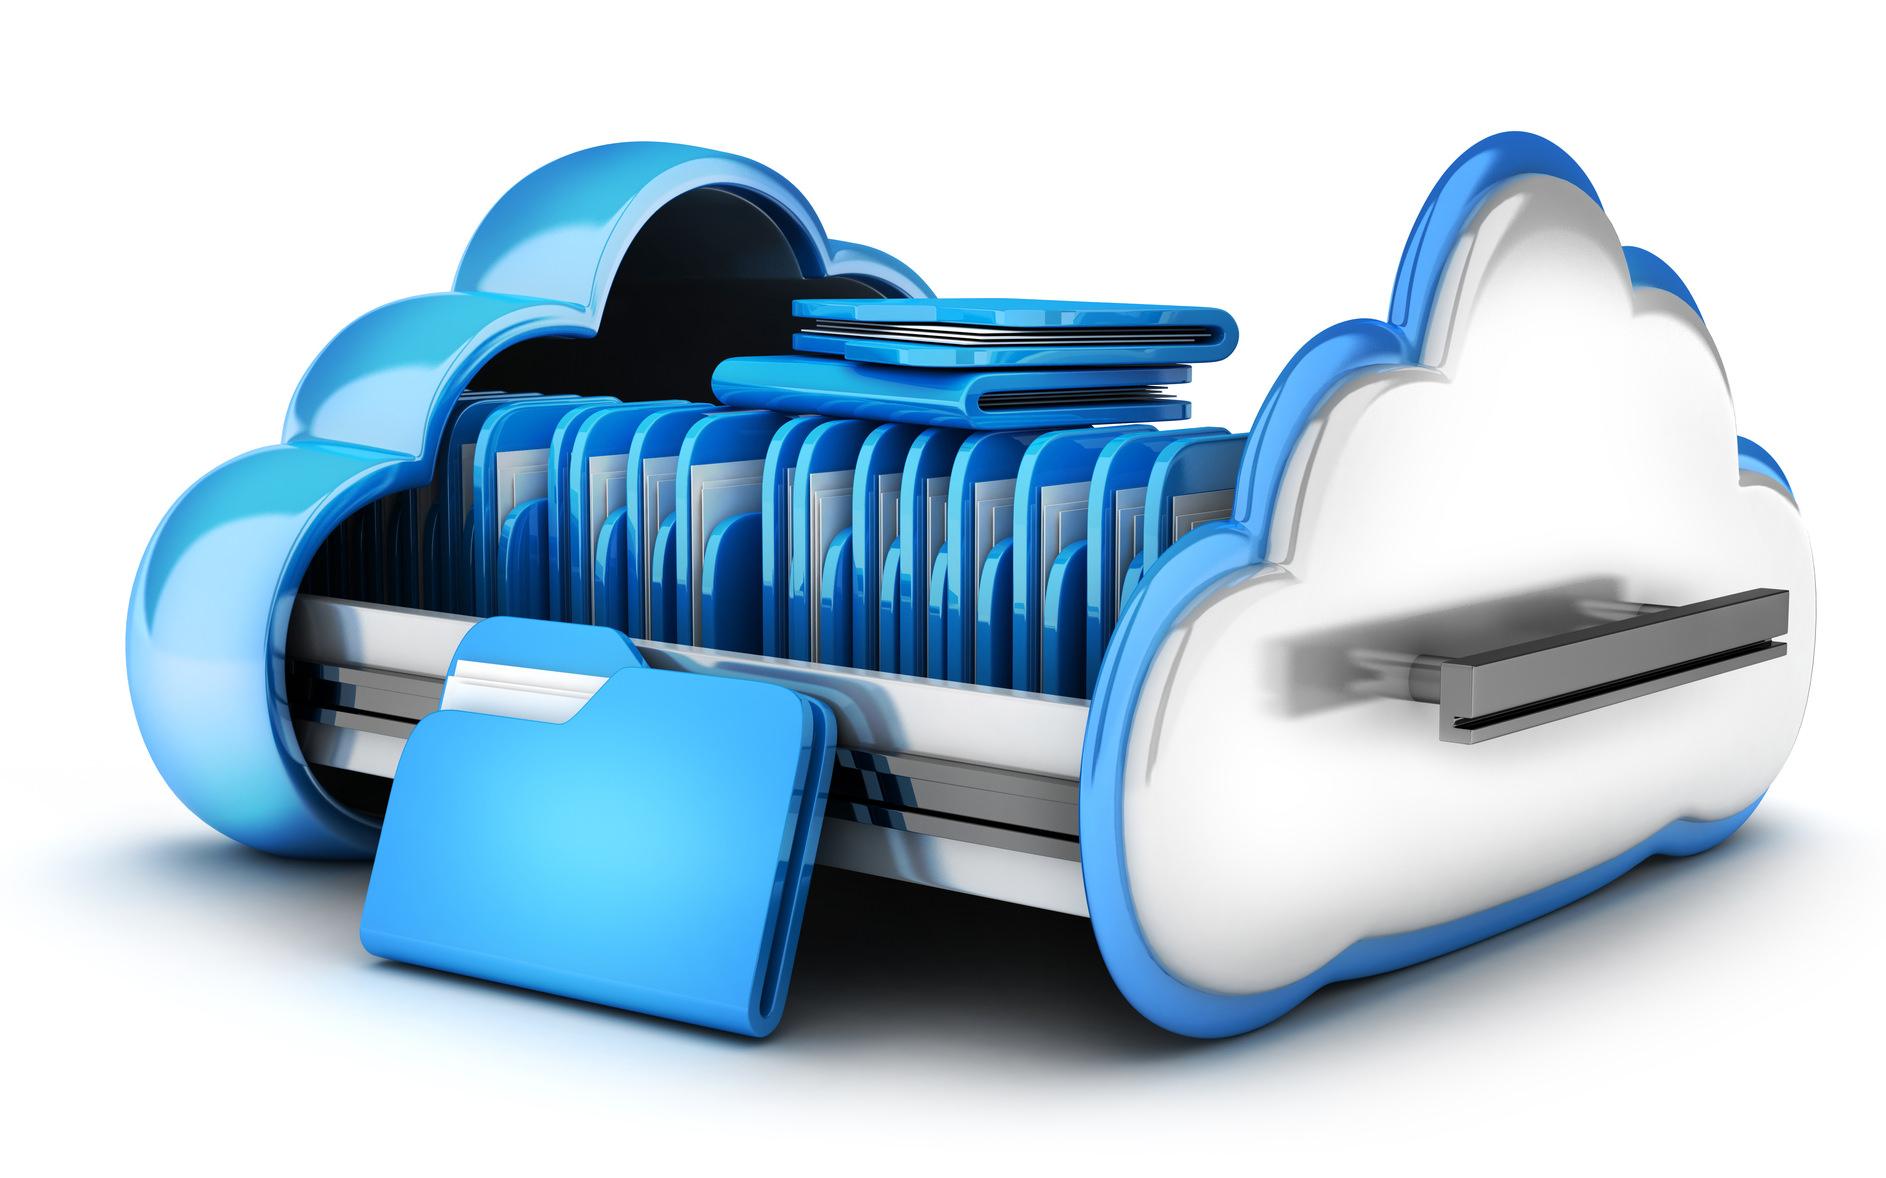 ファイルサーバー構築、容量管理、バックアップetc、ストレージ関連の業務をスマートに処理したい!